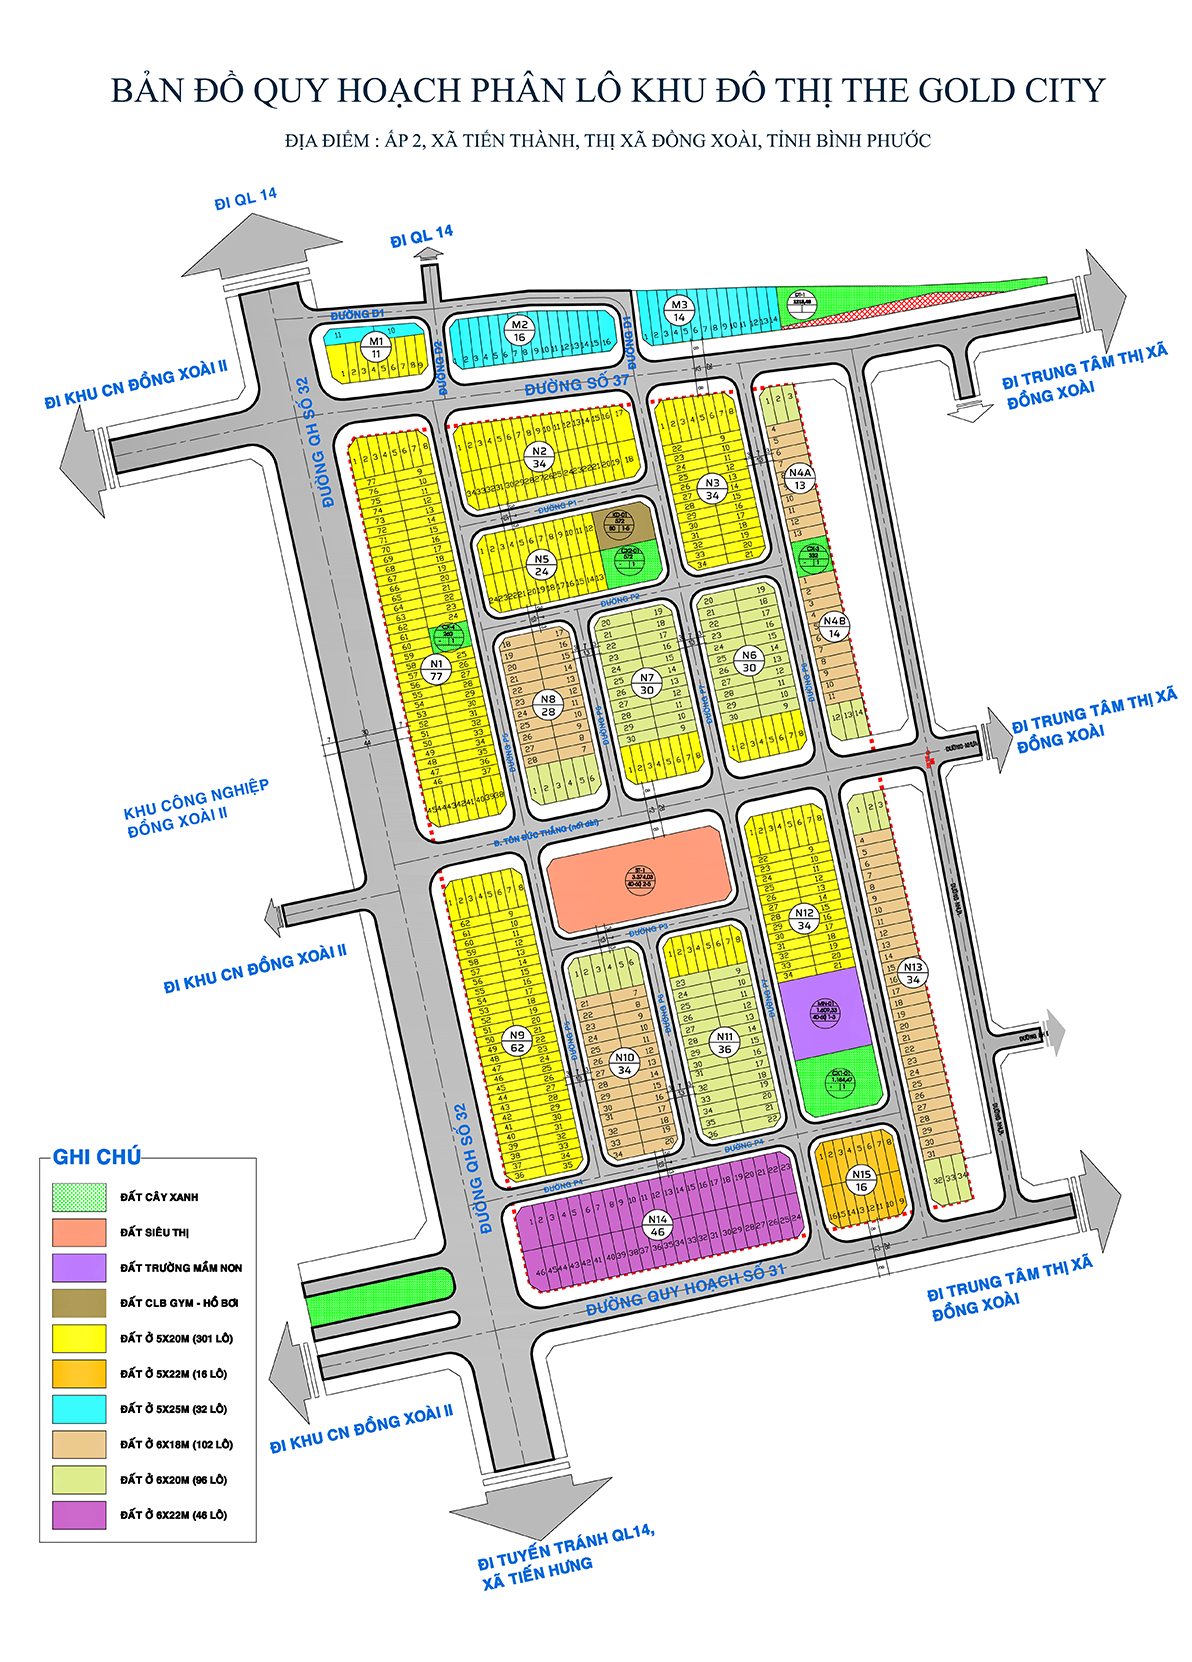 Mặt bằng phân lộ dự án The Gold City Bình Phước